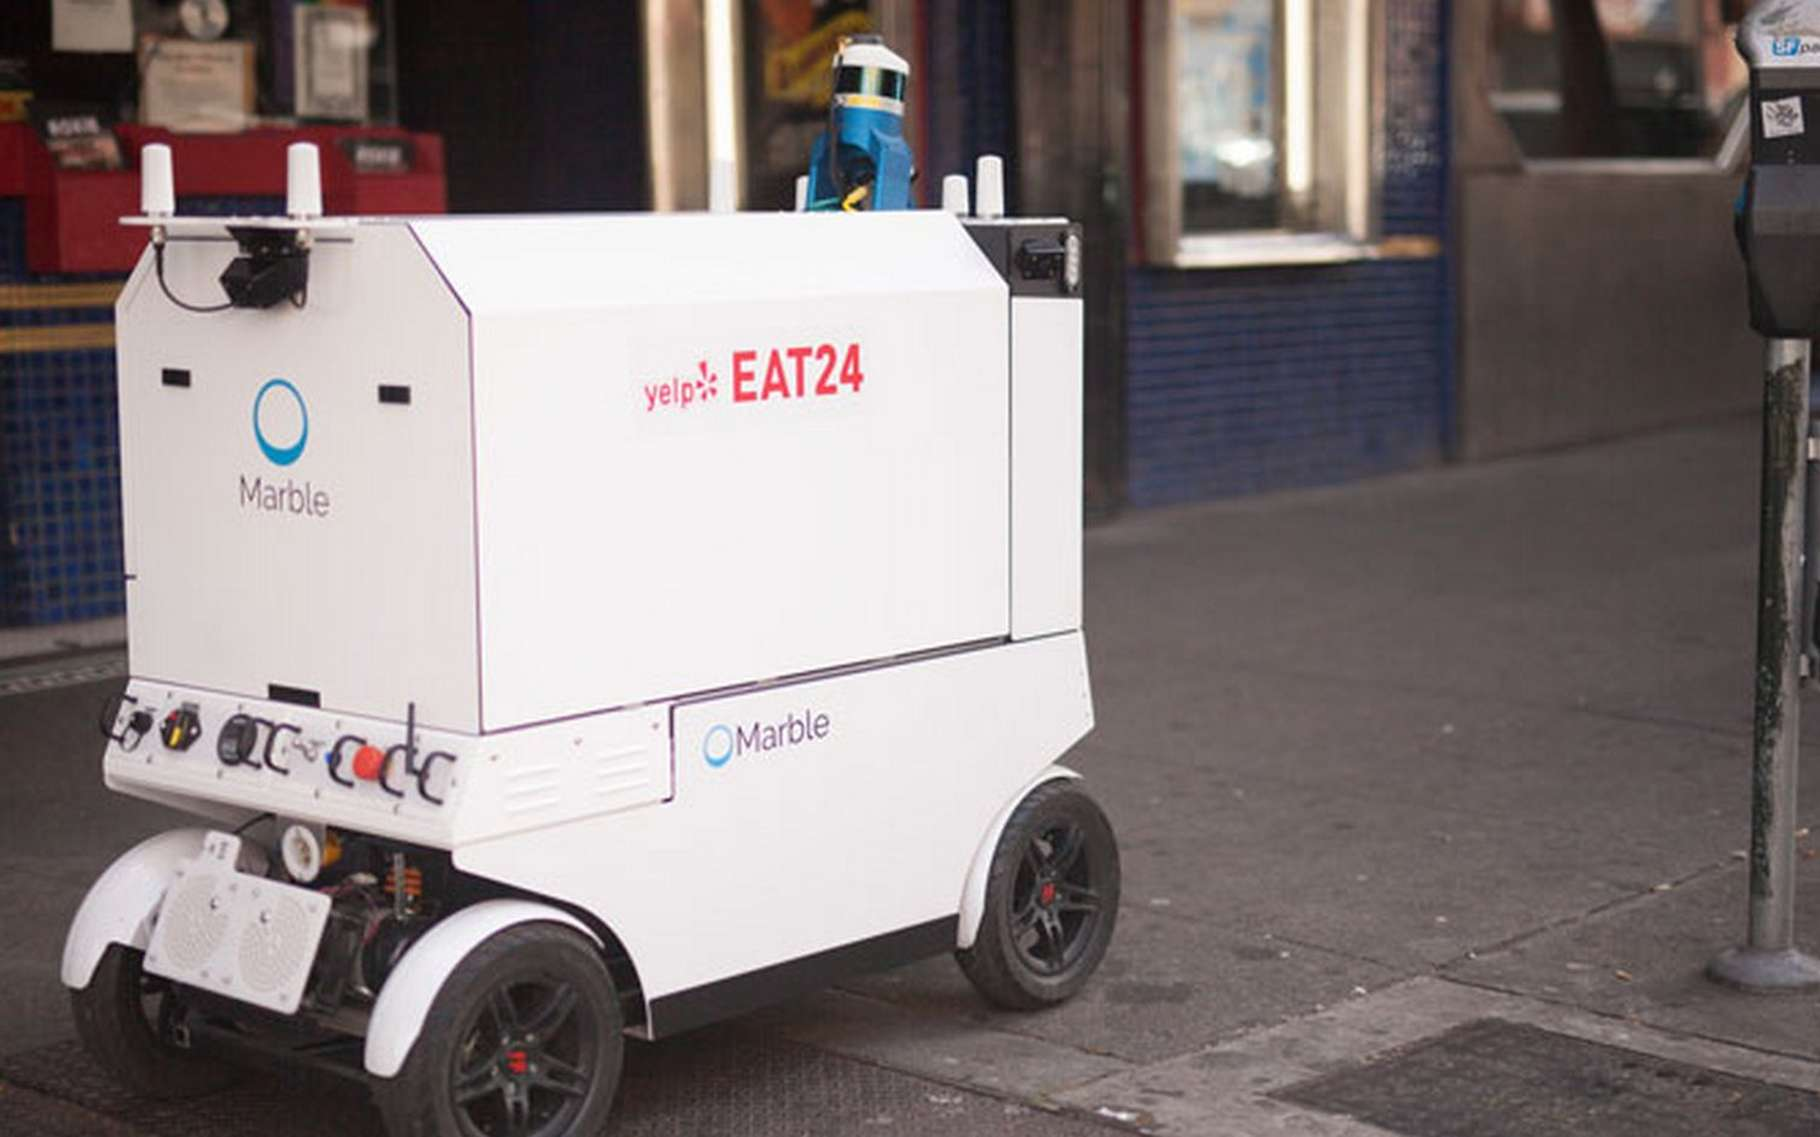 Le robot livreur de la société Marble a été retenu par le service de livraison de repas Yelp Eat24. Chaque livraison sera suivie à distance par un opérateur et sur le terrain avec un accompagnateur qui suivra le robot. © Marble